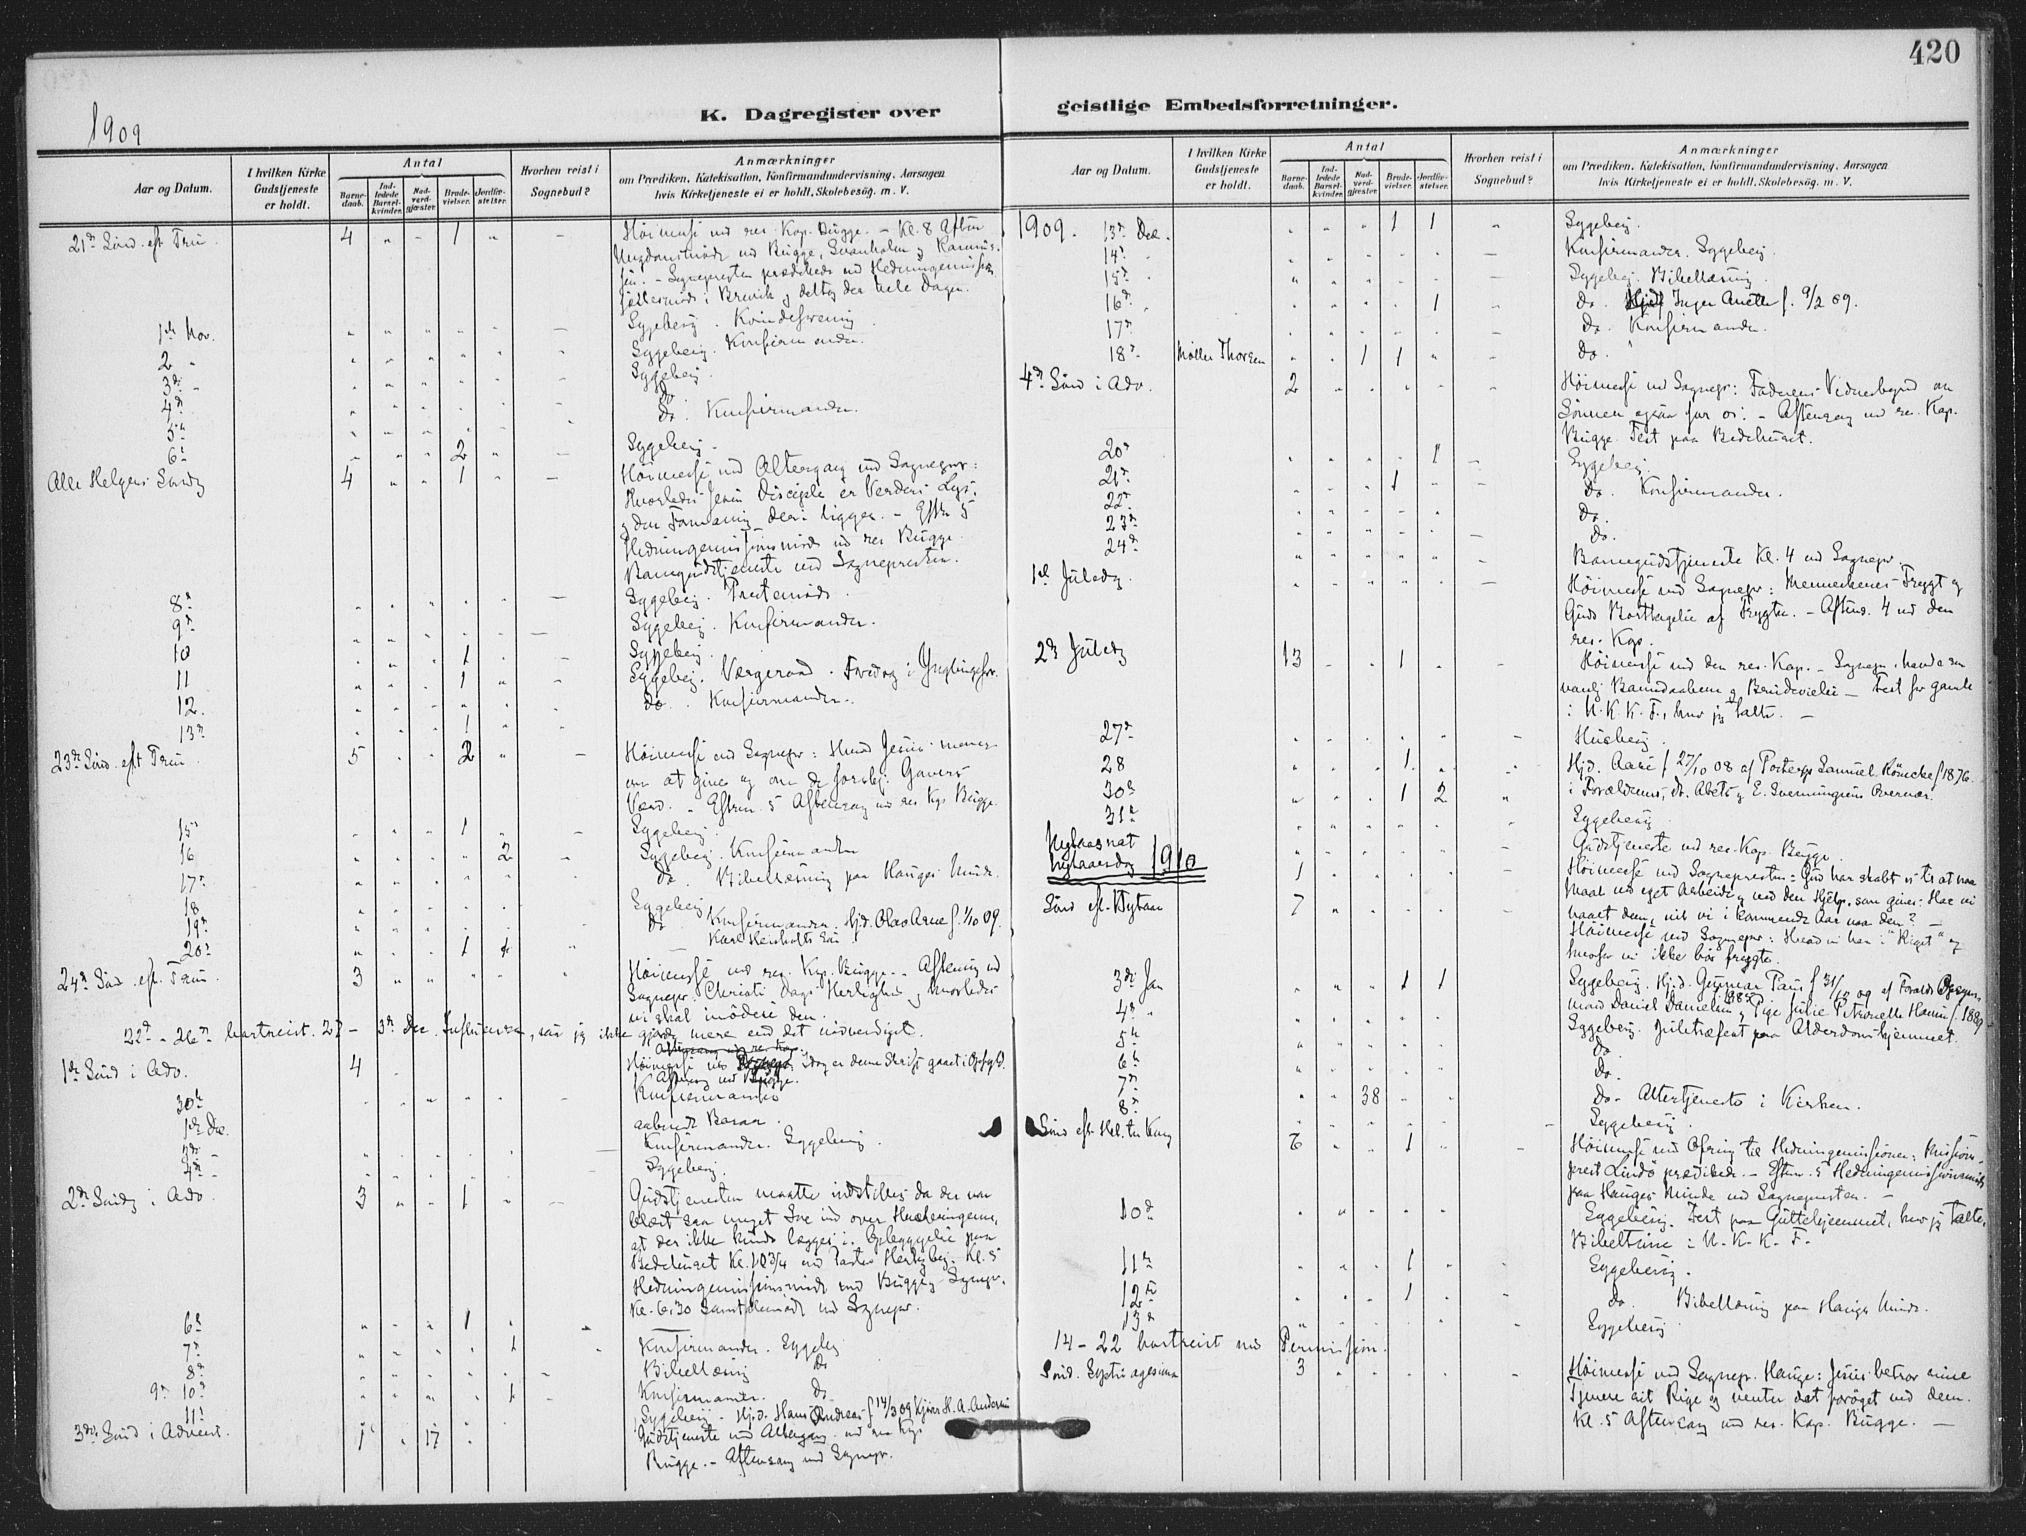 SAKO, Skien kirkebøker, F/Fa/L0012: Ministerialbok nr. 12, 1908-1914, s. 420